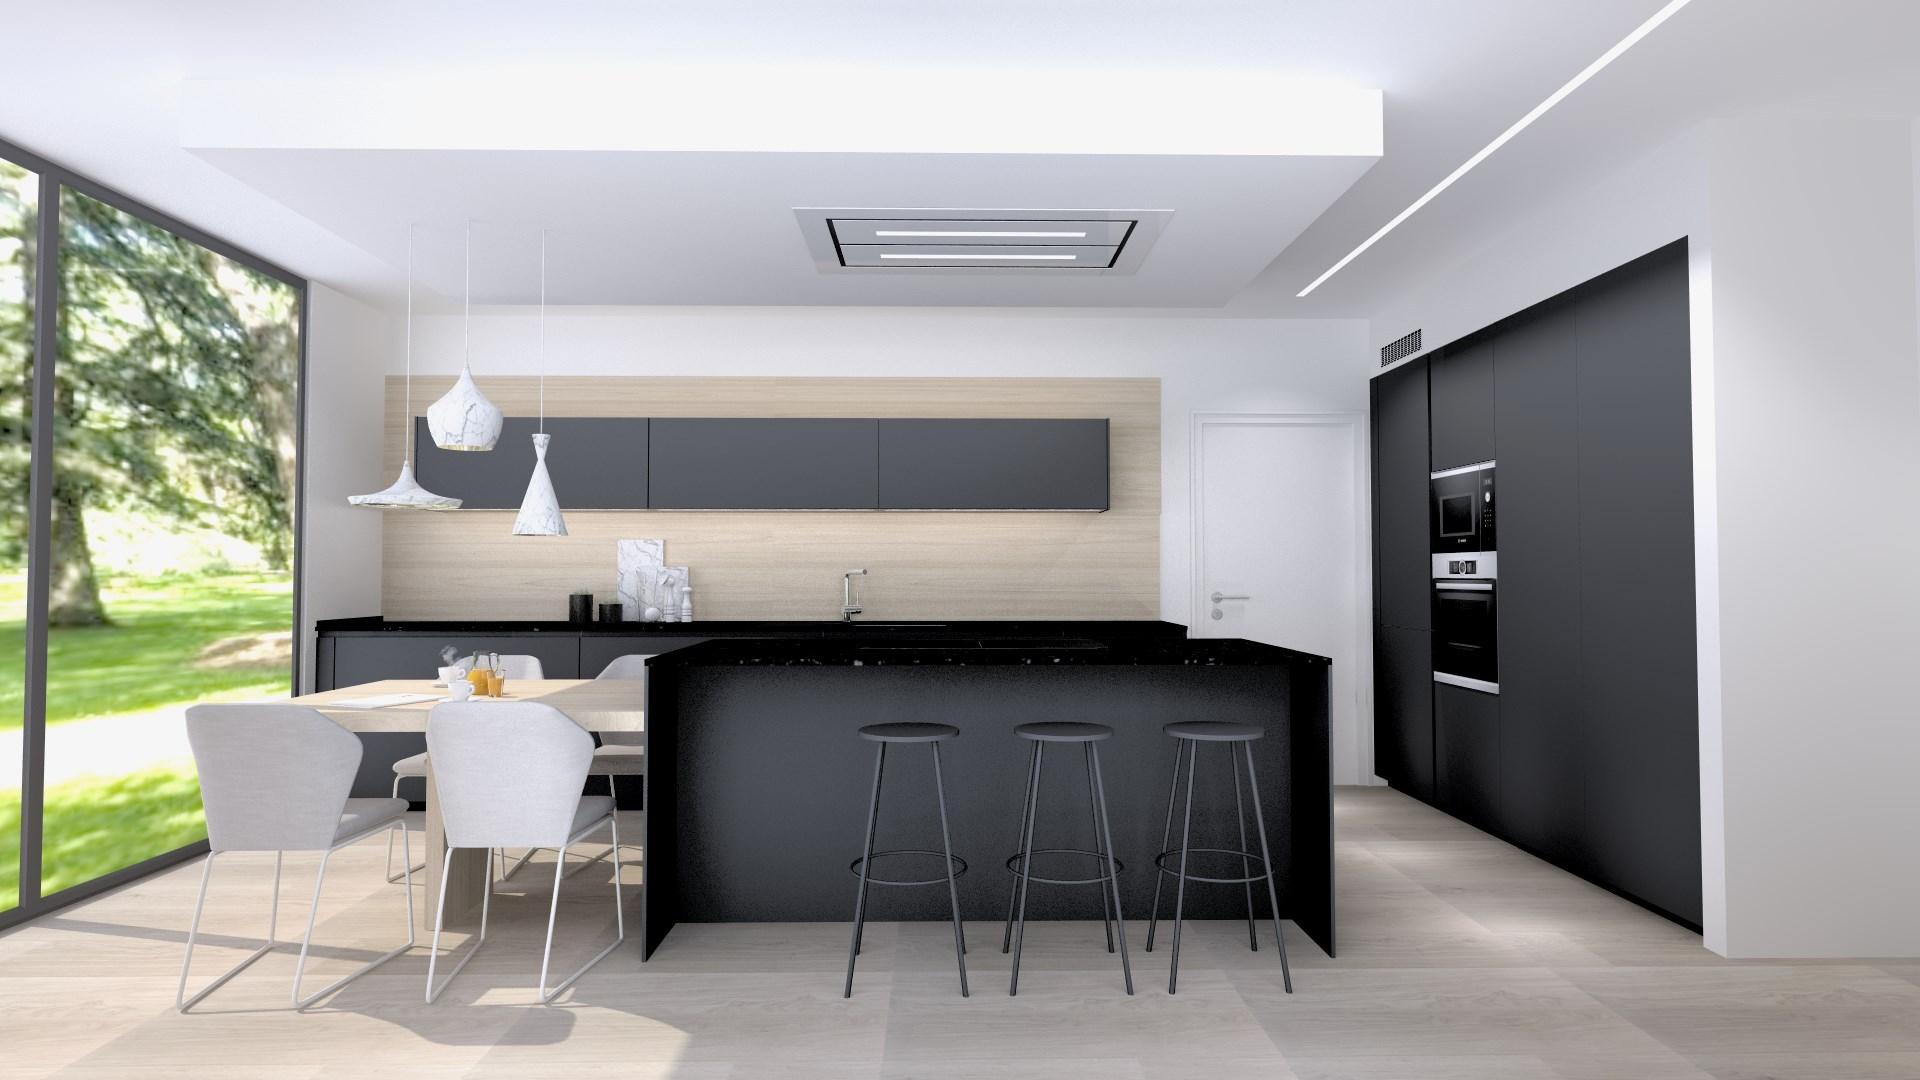 Cocina negra y madera acogedora Santos